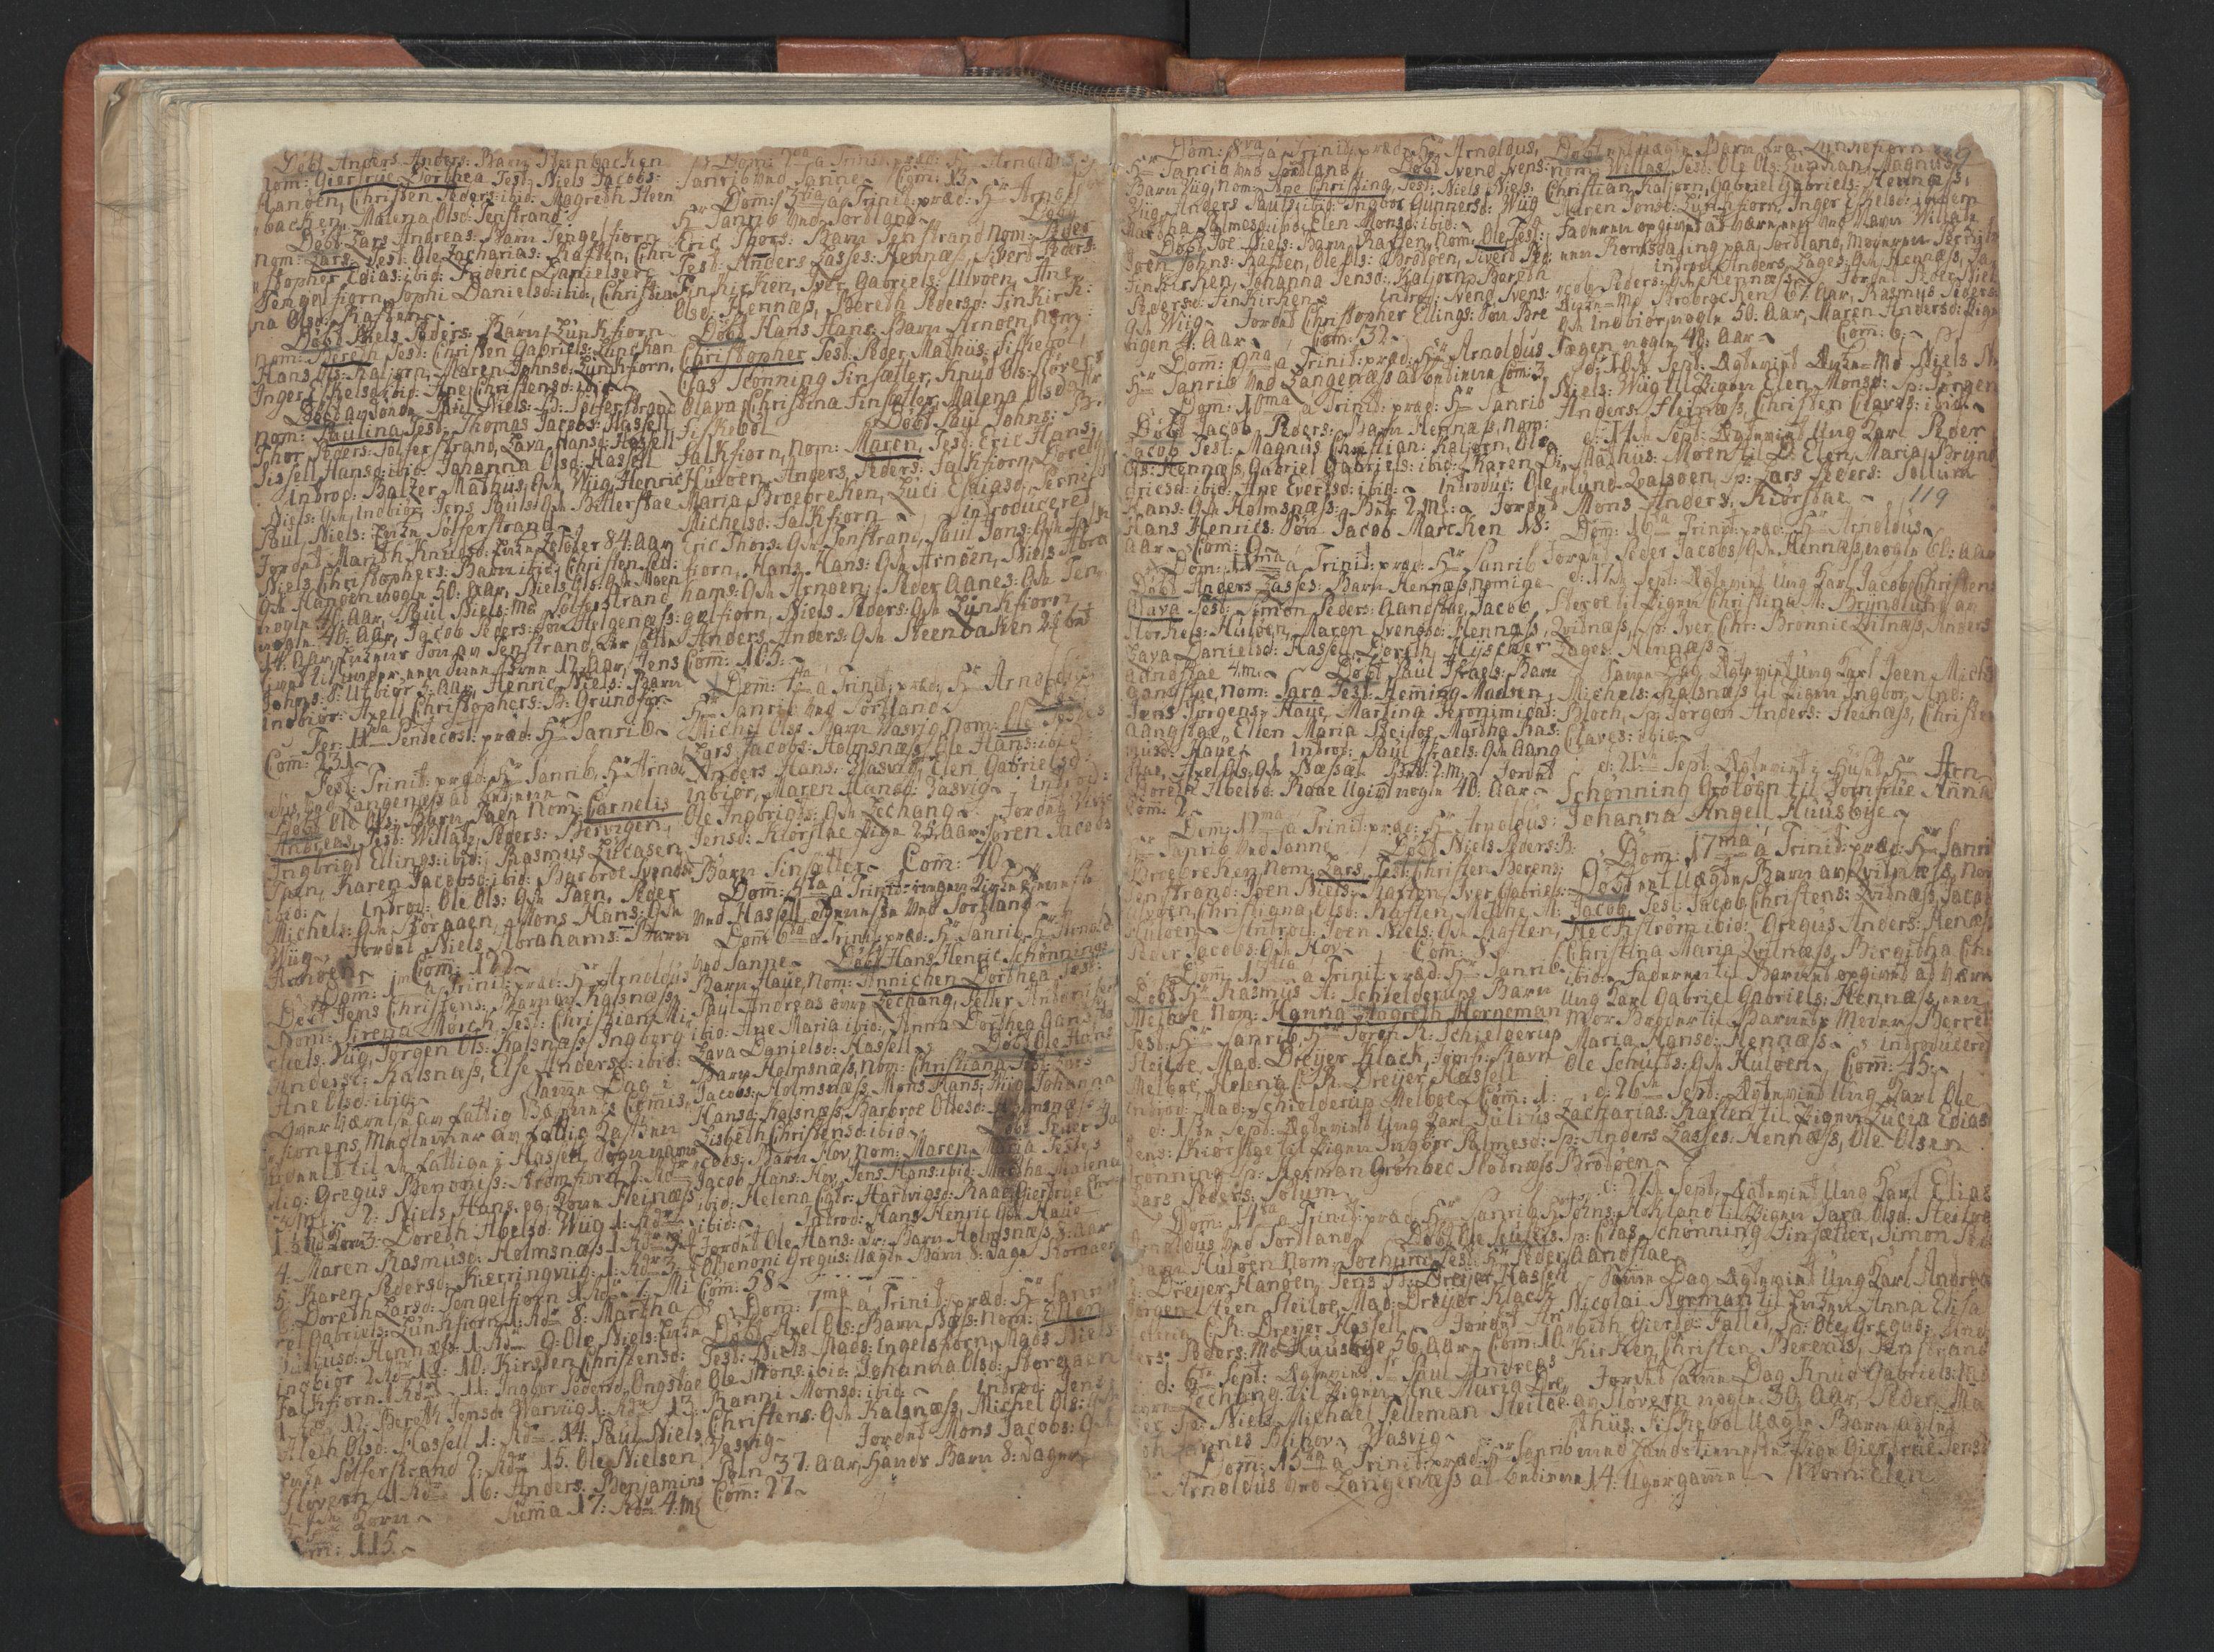 SAT, Ministerialprotokoller, klokkerbøker og fødselsregistre - Nordland, 888/L1233: Parish register (official) no. 888A02, 1754-1811, p. 132